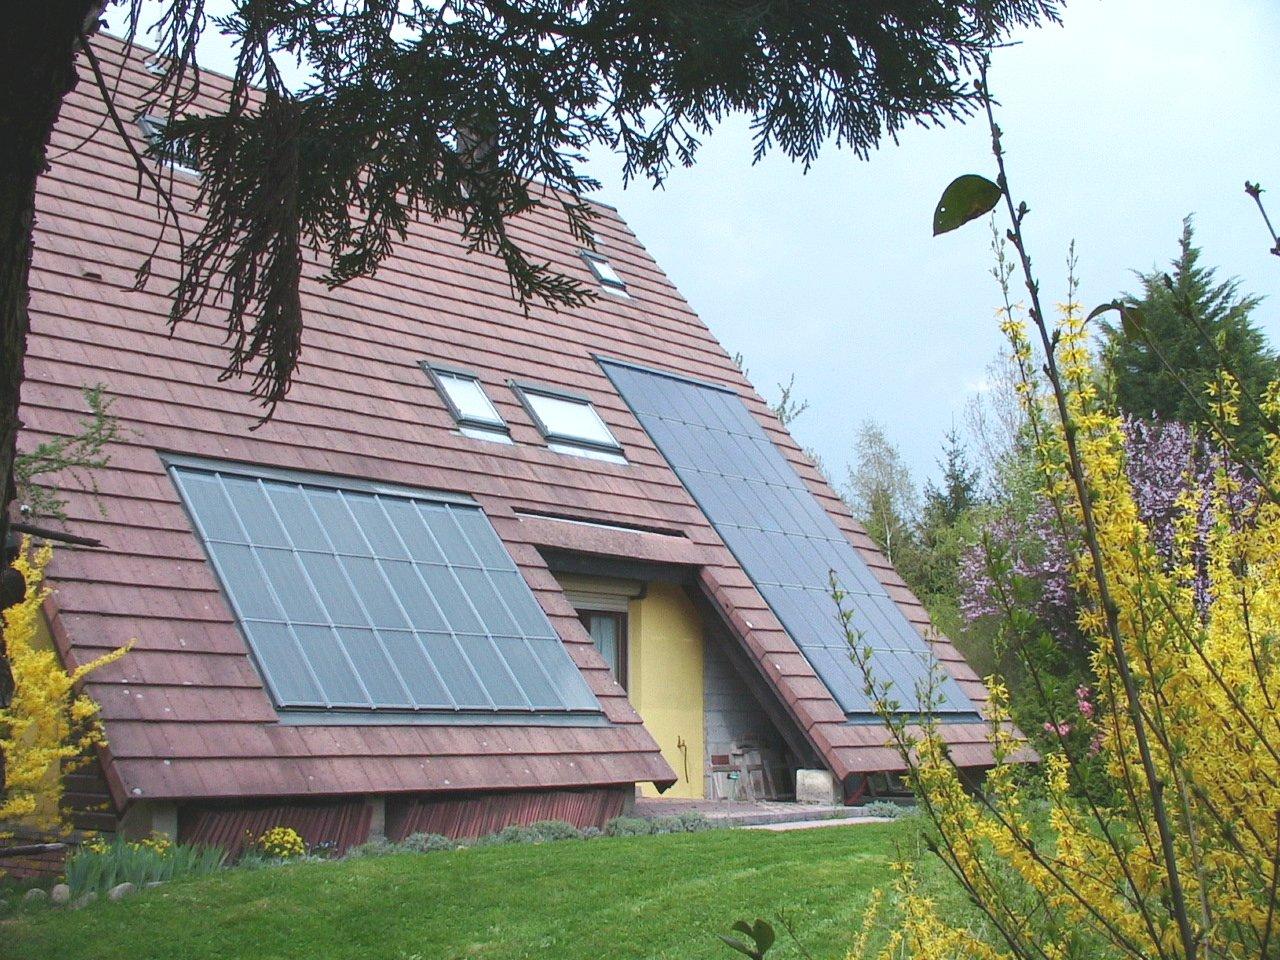 Panneau solaire photovolta que pour tout apprendre - Prix panneau solaire pour maison ...